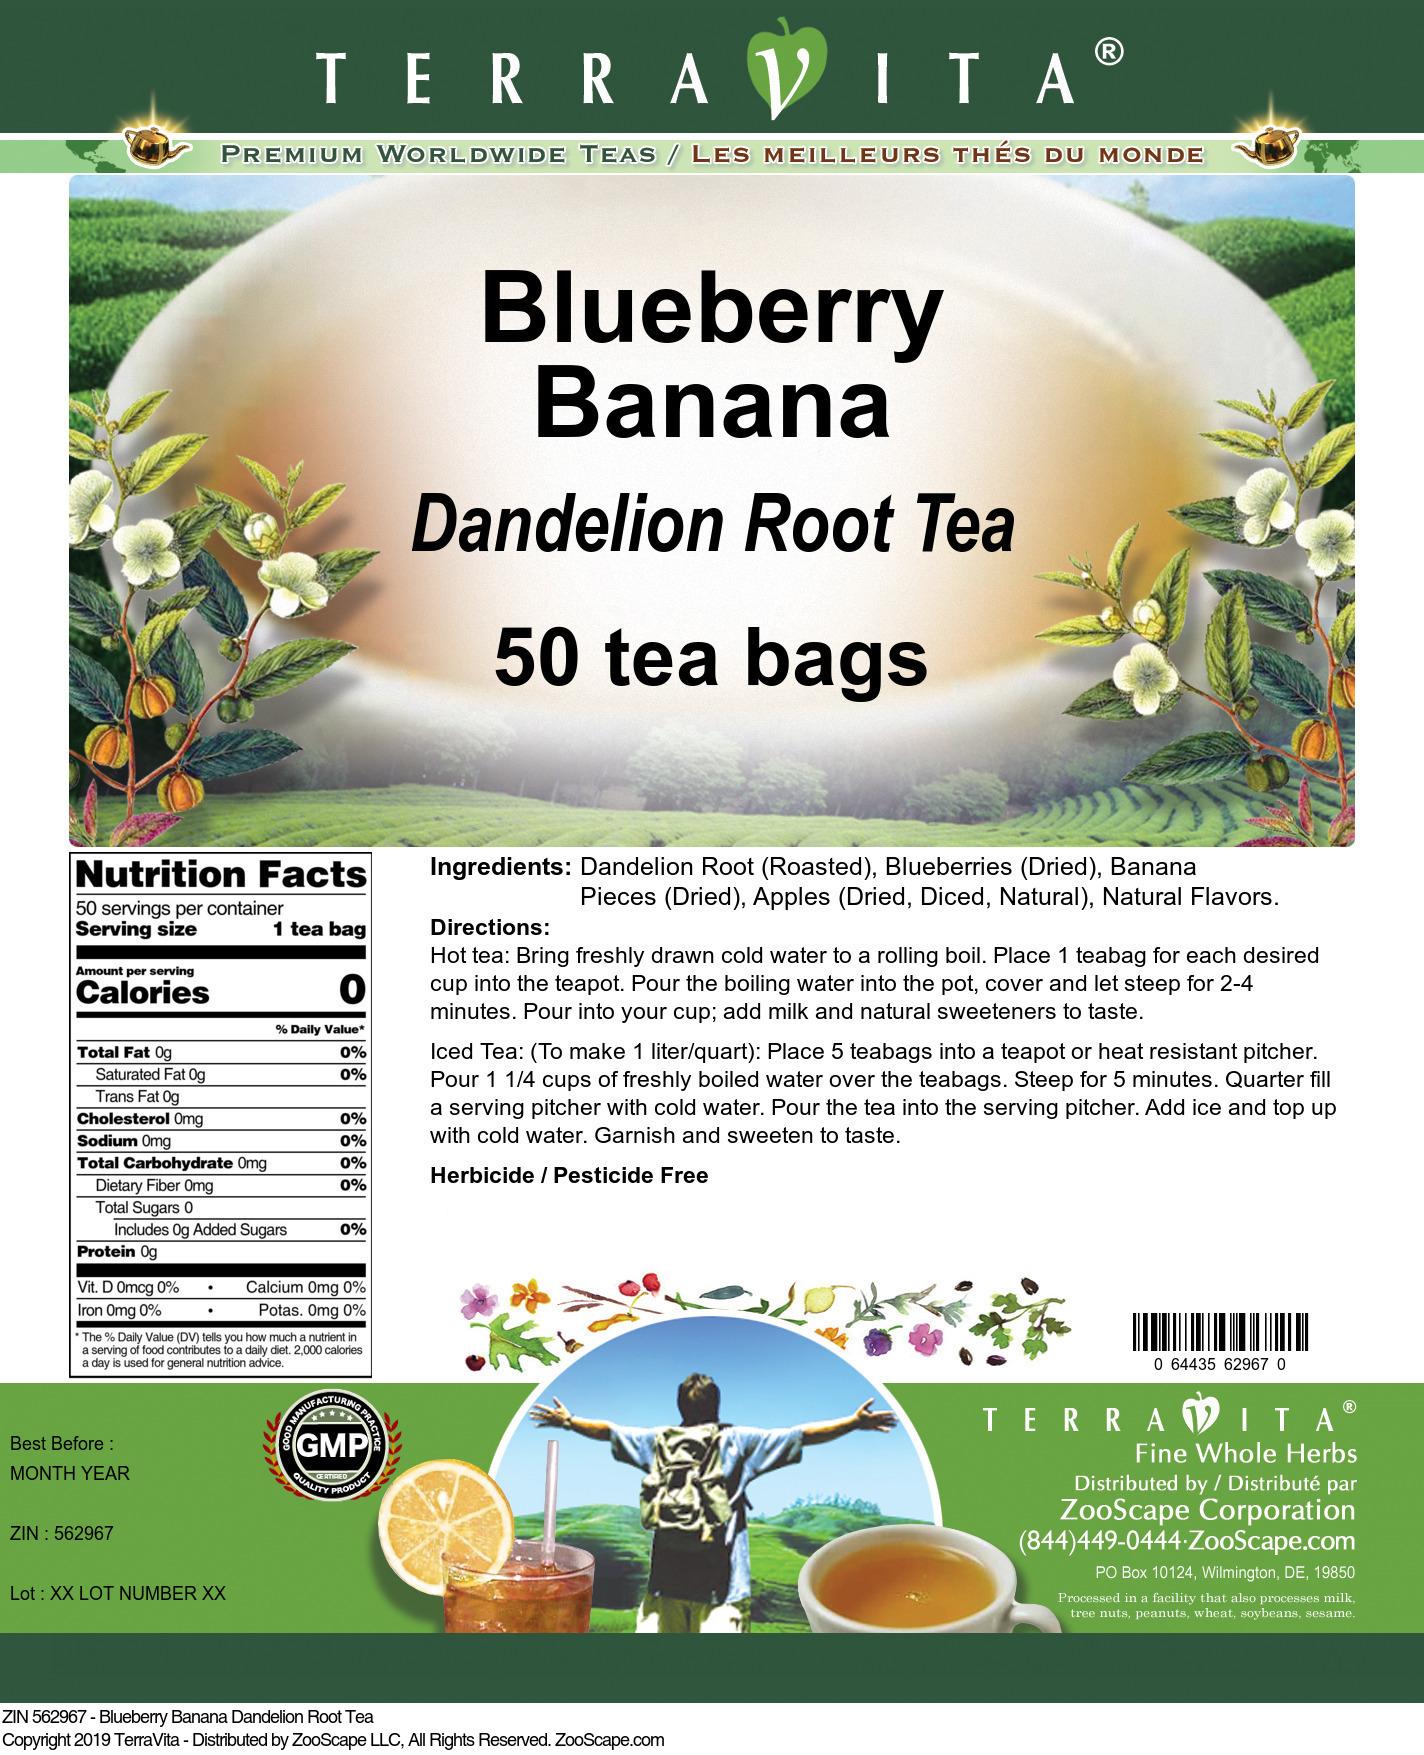 Blueberry Banana Dandelion Root